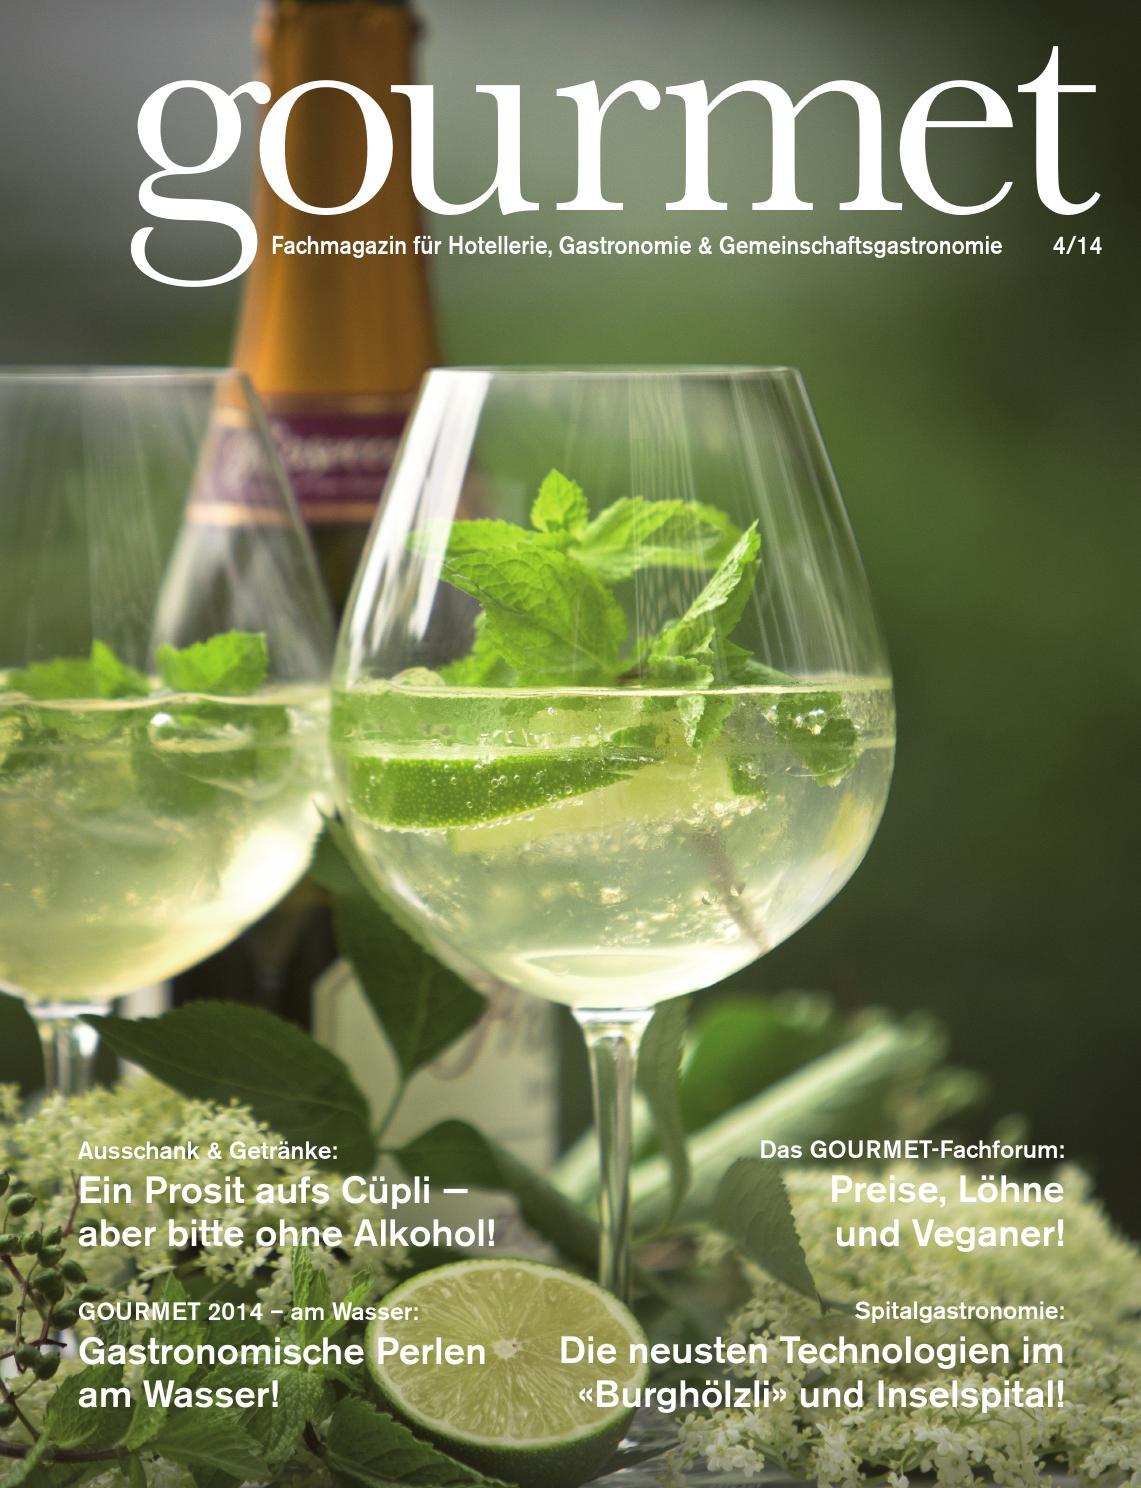 GOURMET_1404 by Gourmet Verlag - issuu